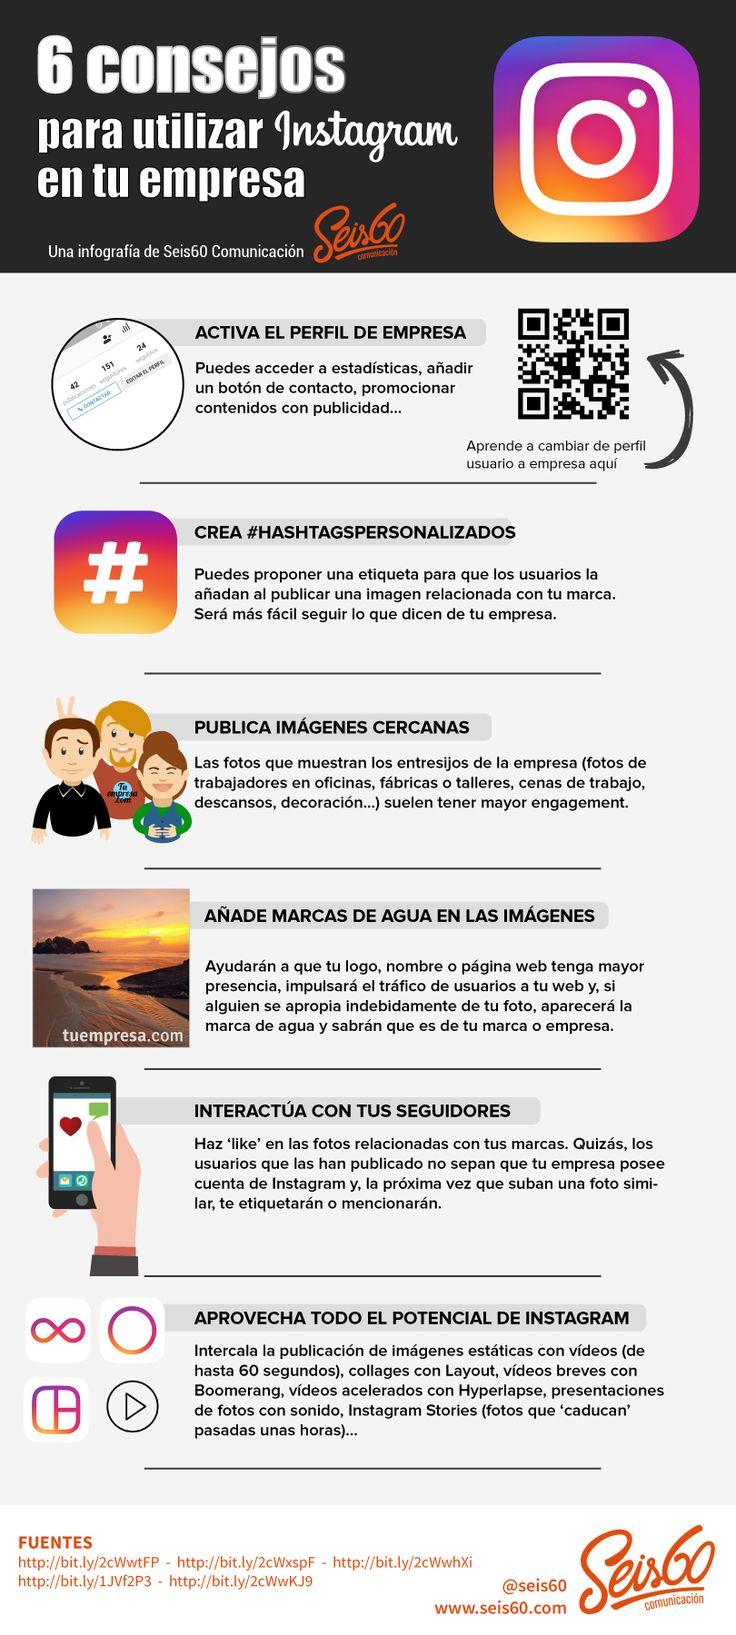 6 consejos para utilizar Instagram en tu empresa #infografia